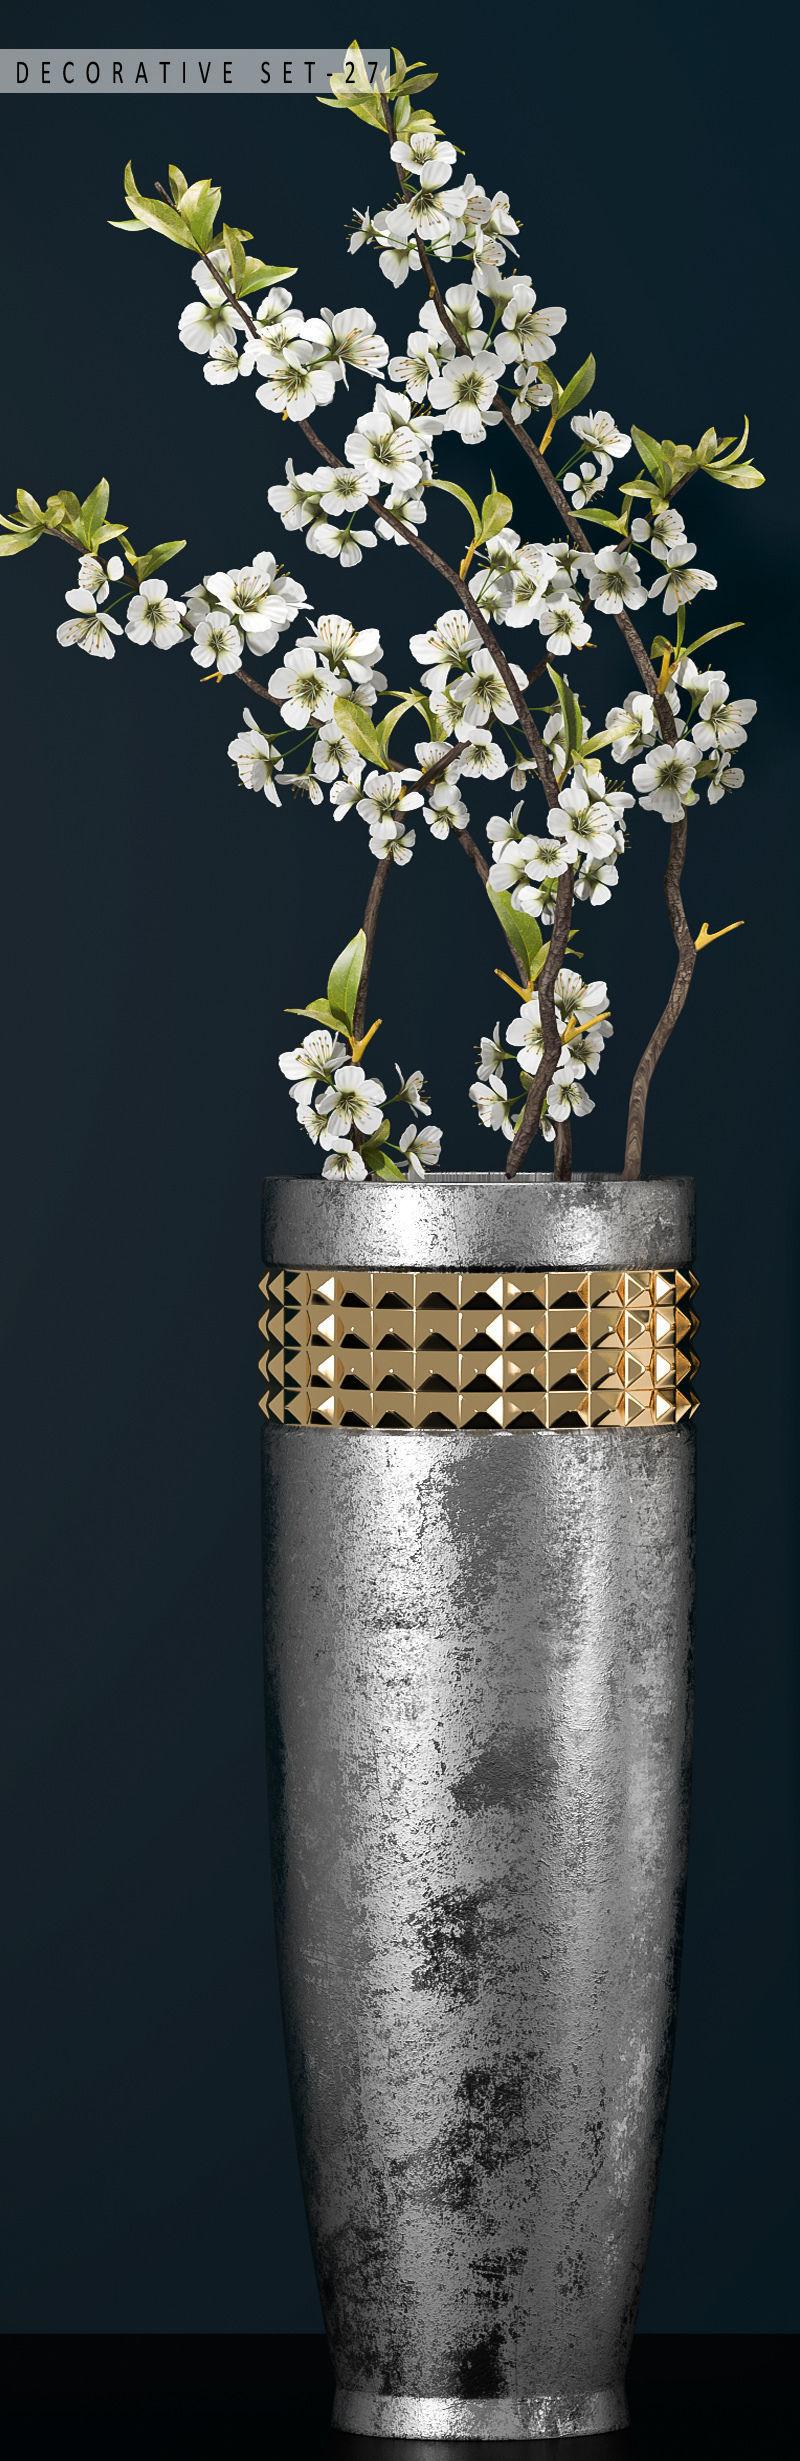 Decorative vase set 27 3d cgtrader decorative vase set 27 3d model max fbx unitypackage 2 reviewsmspy